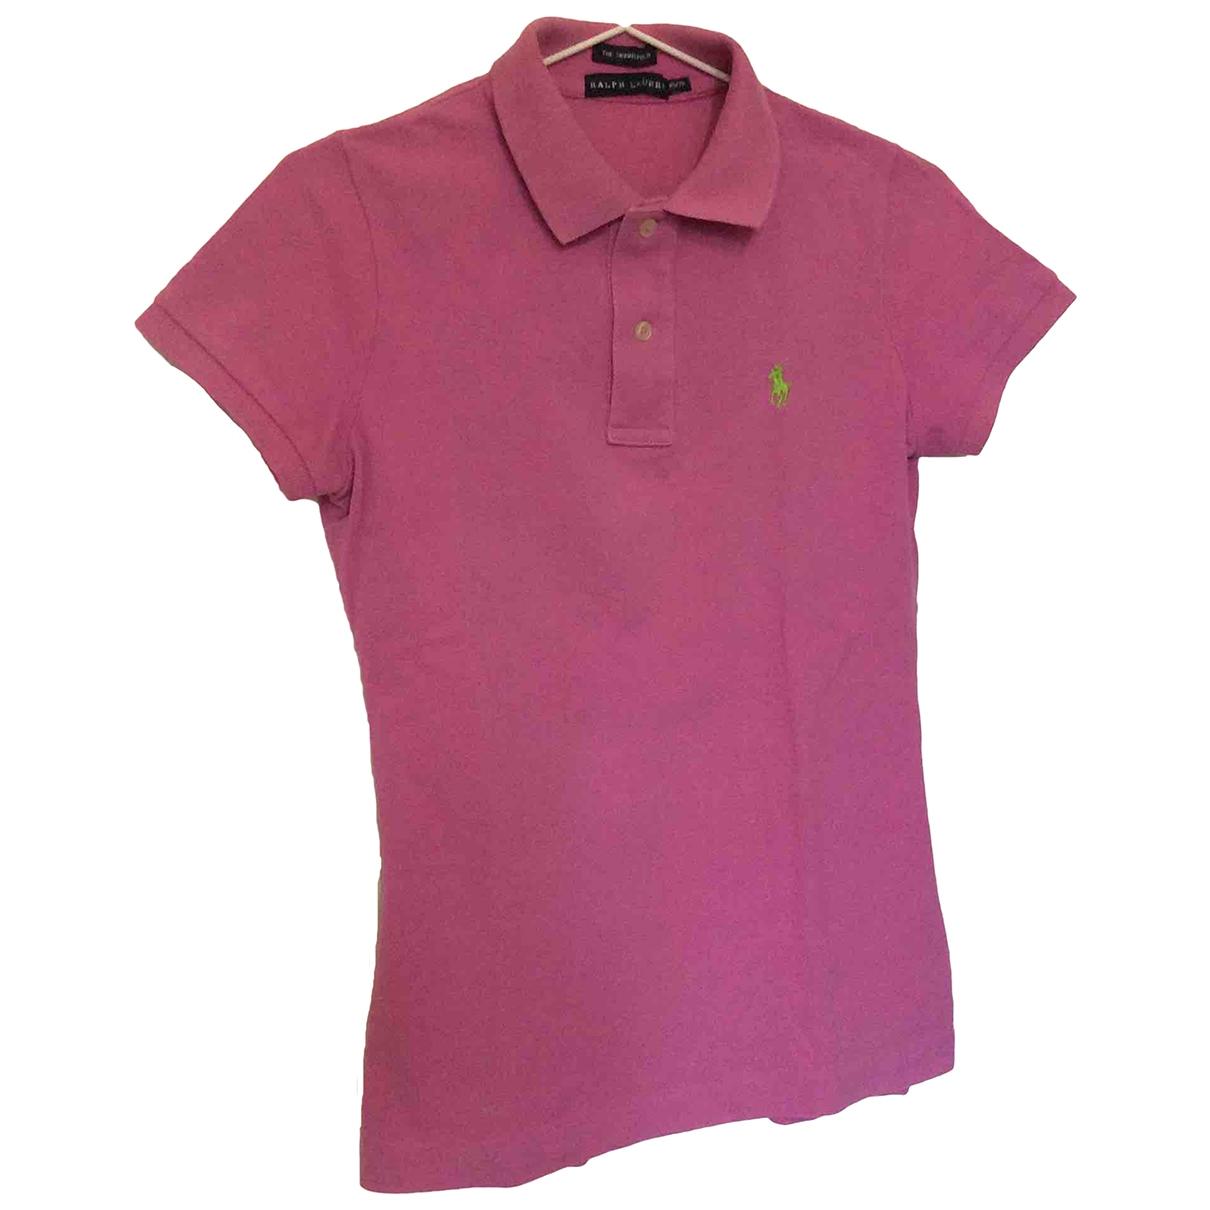 Polo Ralph Lauren Polo cintré manches courtes Purple Cotton  top for Women XS International